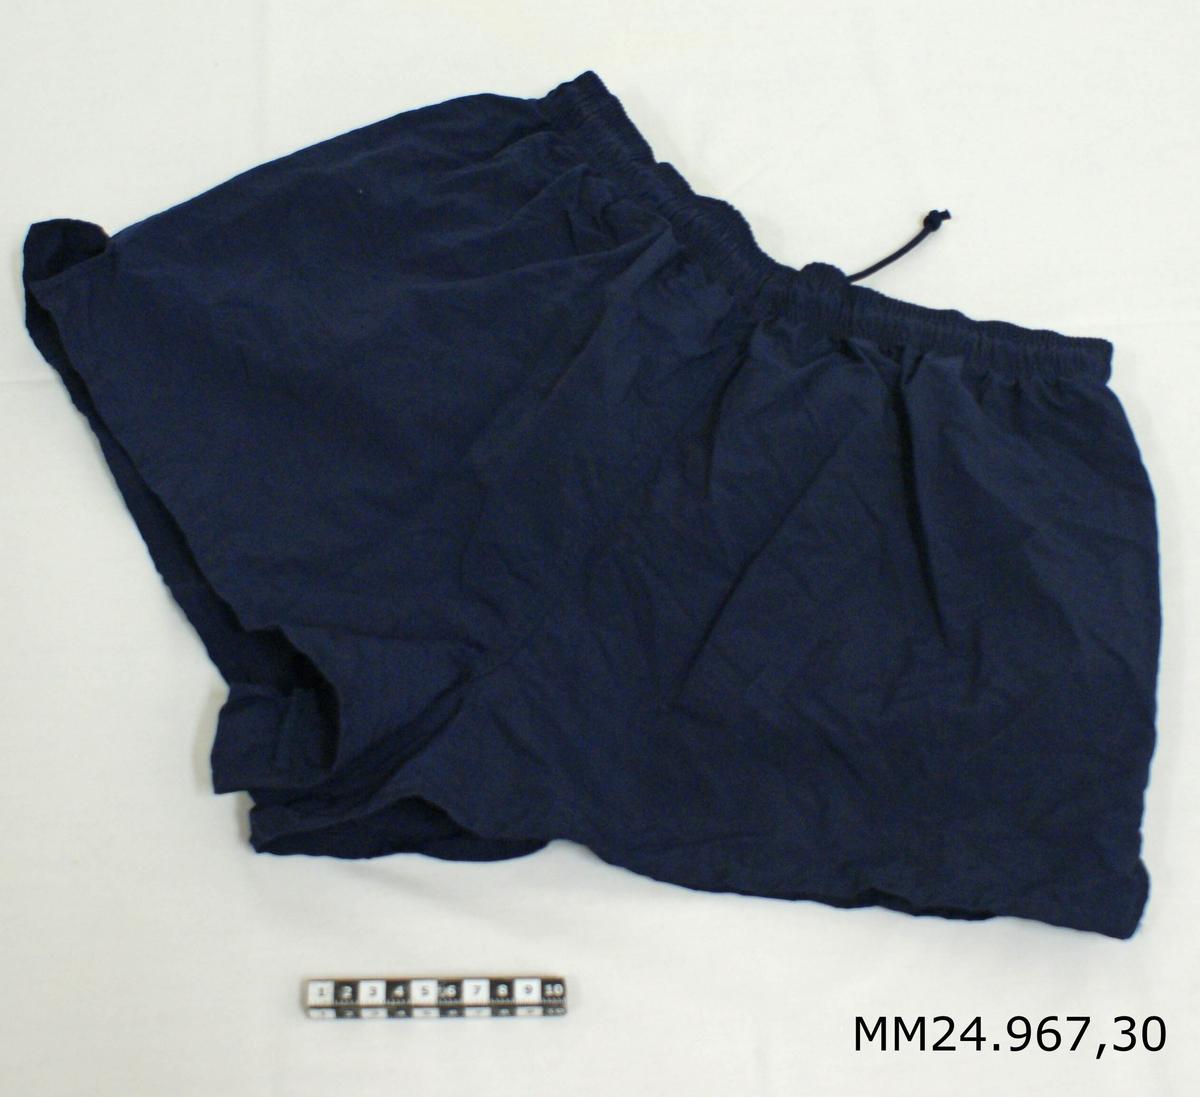 """Idrottsshorts av bomull, polyester och polyamid, mörkblå. Korta shorts med resår och snörning i midjan. Små sprund på shortsens nederkant. Mörkblått foder samt liten innerficka på höger sida. Vitlapp på insidan med kronstämpel, M-nummer, tvättråd, årtalet 1999, vikt 80-95 kg, storlek 6, samt texten: """"AB Blåkläder, tillverkad i Vietnam""""."""